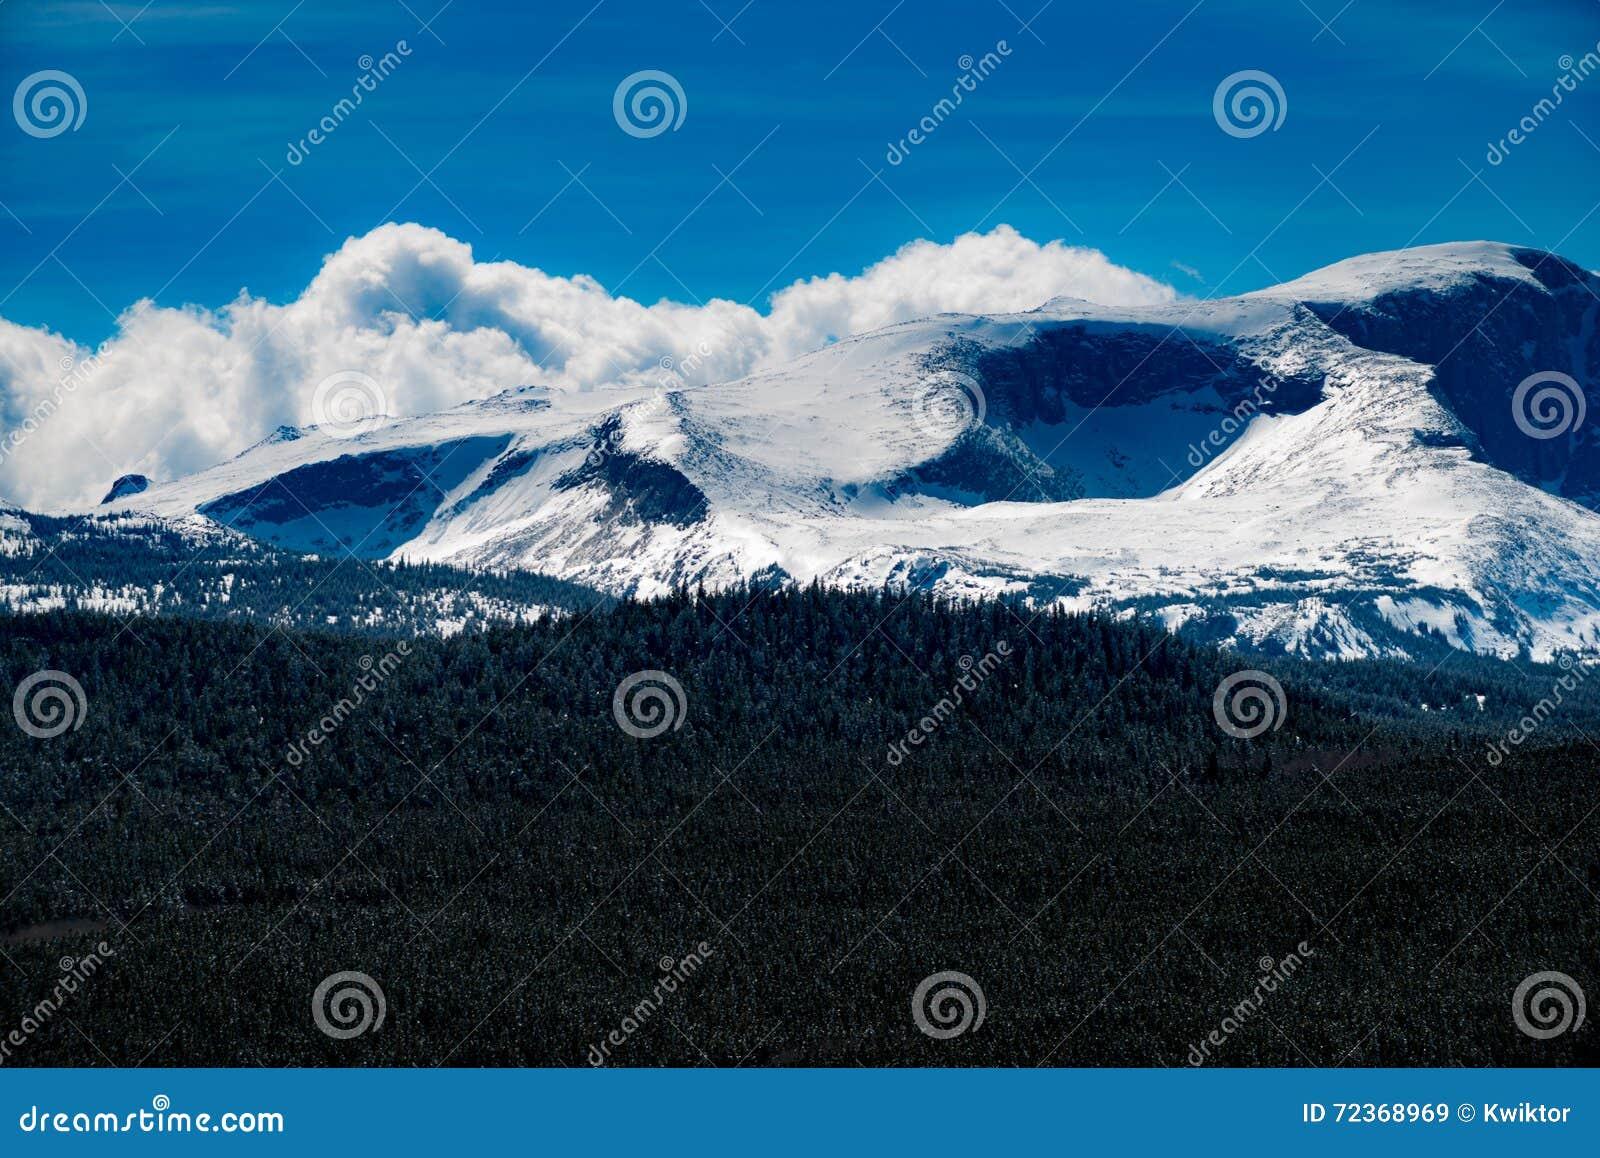 Bighorn Mountain Range Wyoming